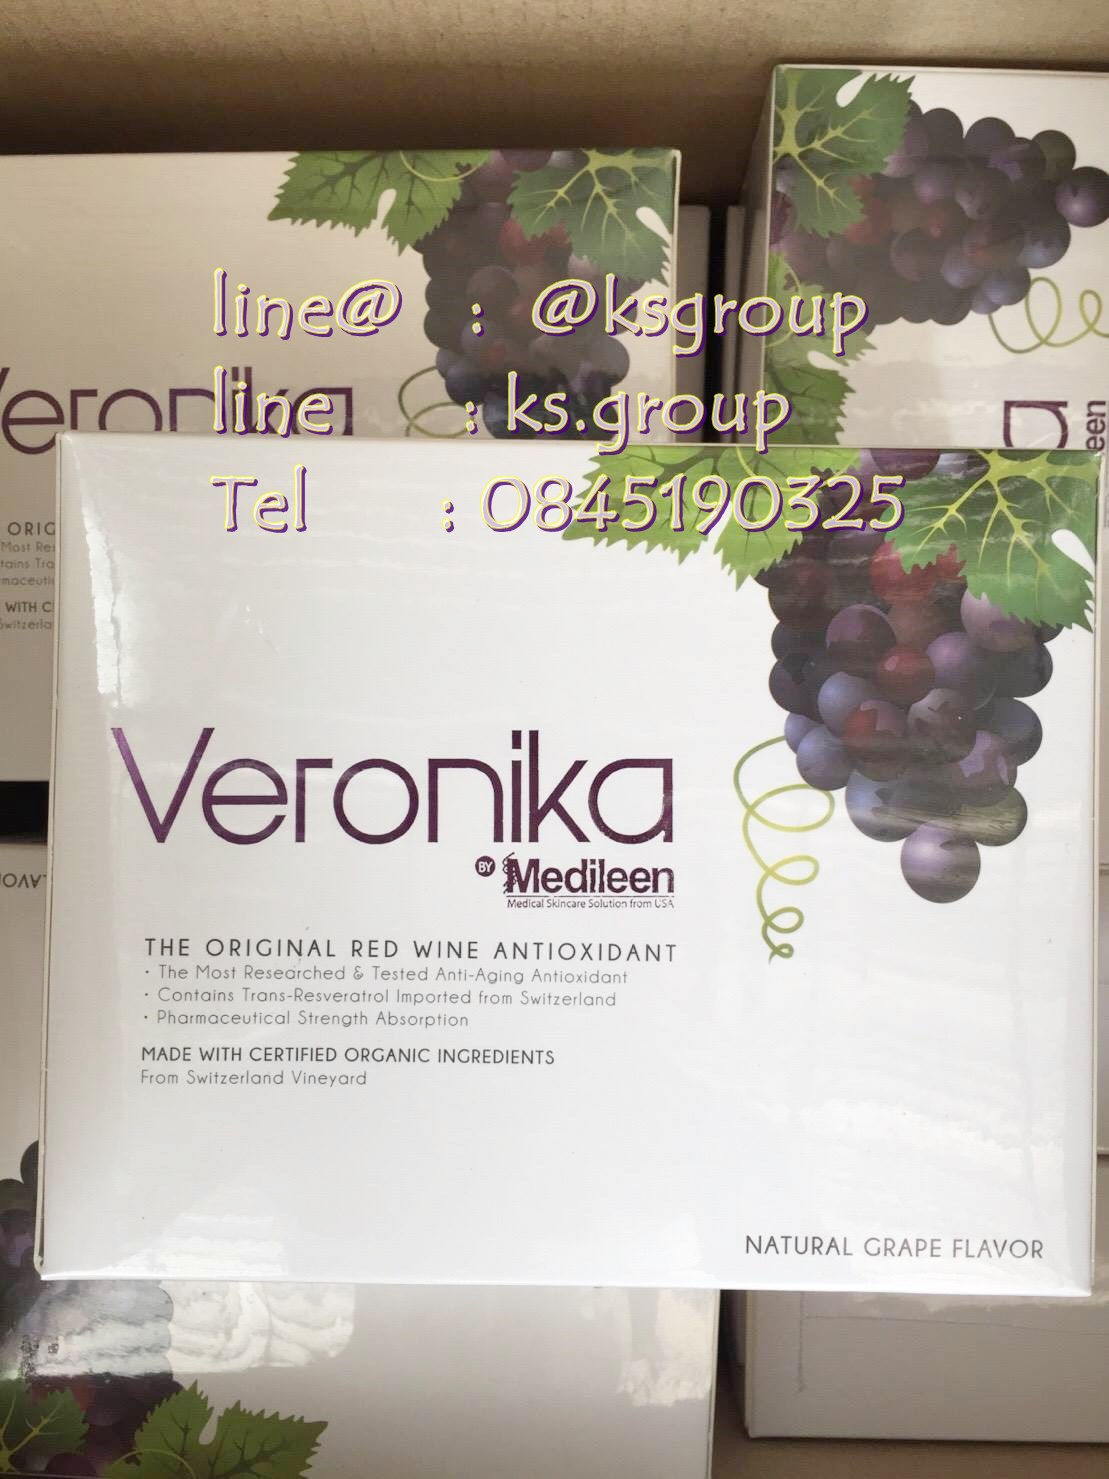 Veronika By Medileen เวโรนิก้า บรรเทาอาการภูมิแพ้ ต้นการอักเสบของร่างกาย ช่วยลดการเกิดสิว